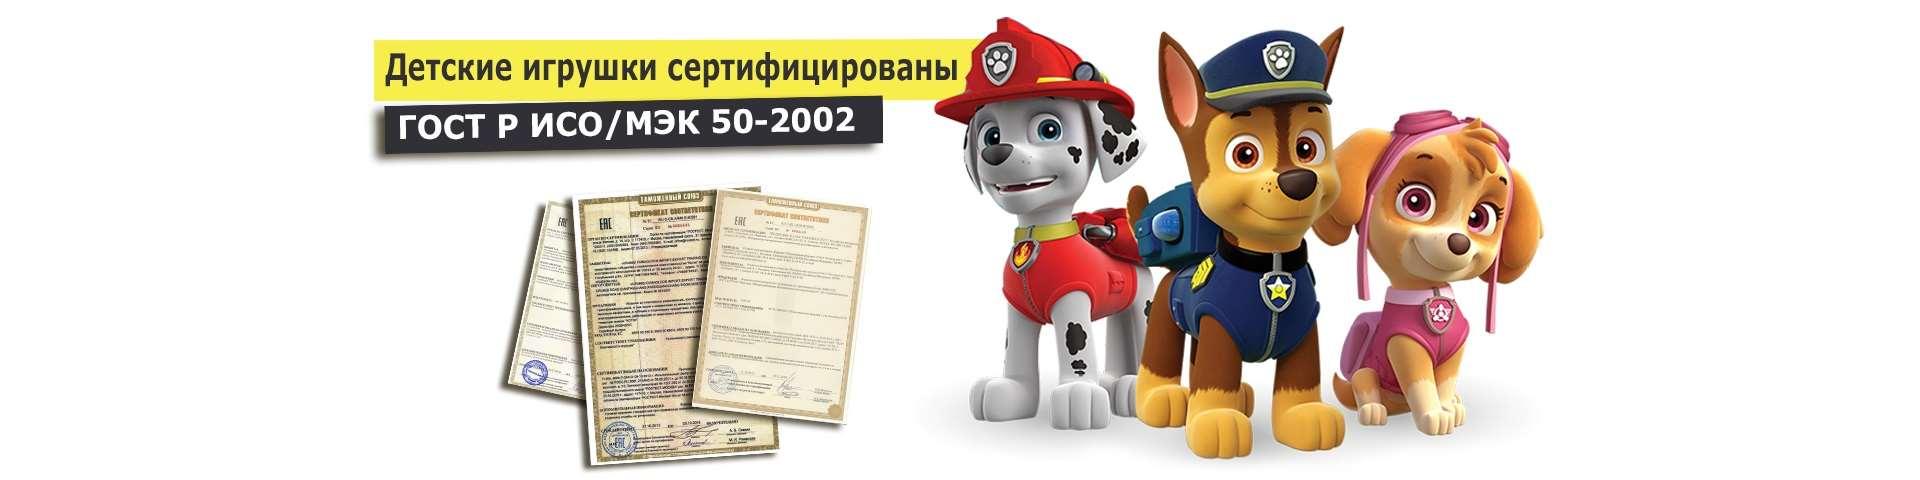 Щенячий патруль сертификаты